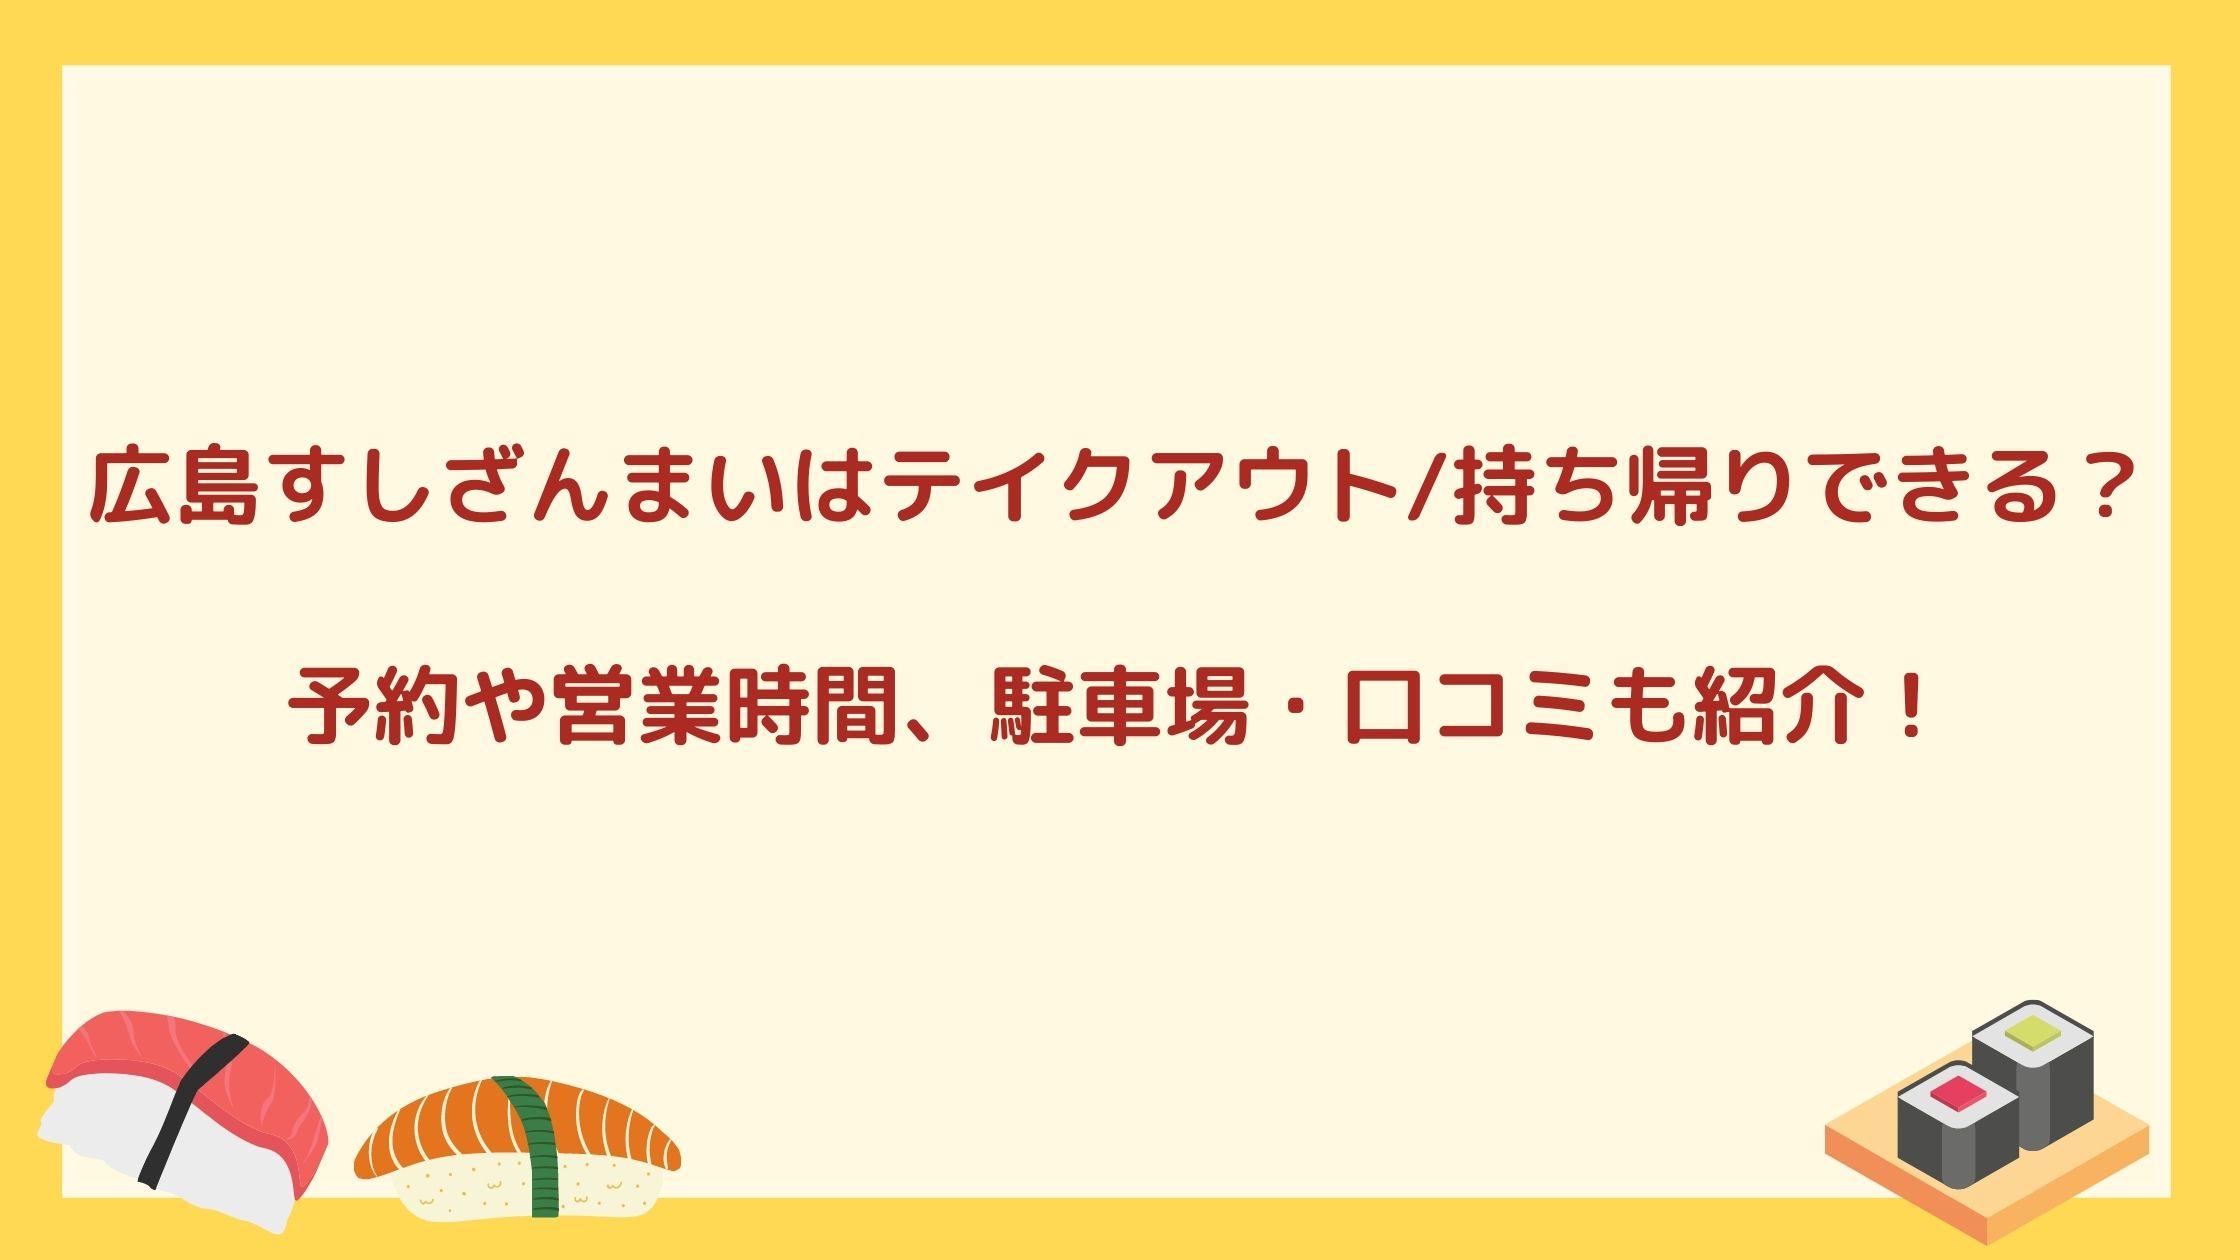 広島すしざんまいはテイクアウト/持ち帰りできる?予約や営業時間、駐車場や口コミも紹介!